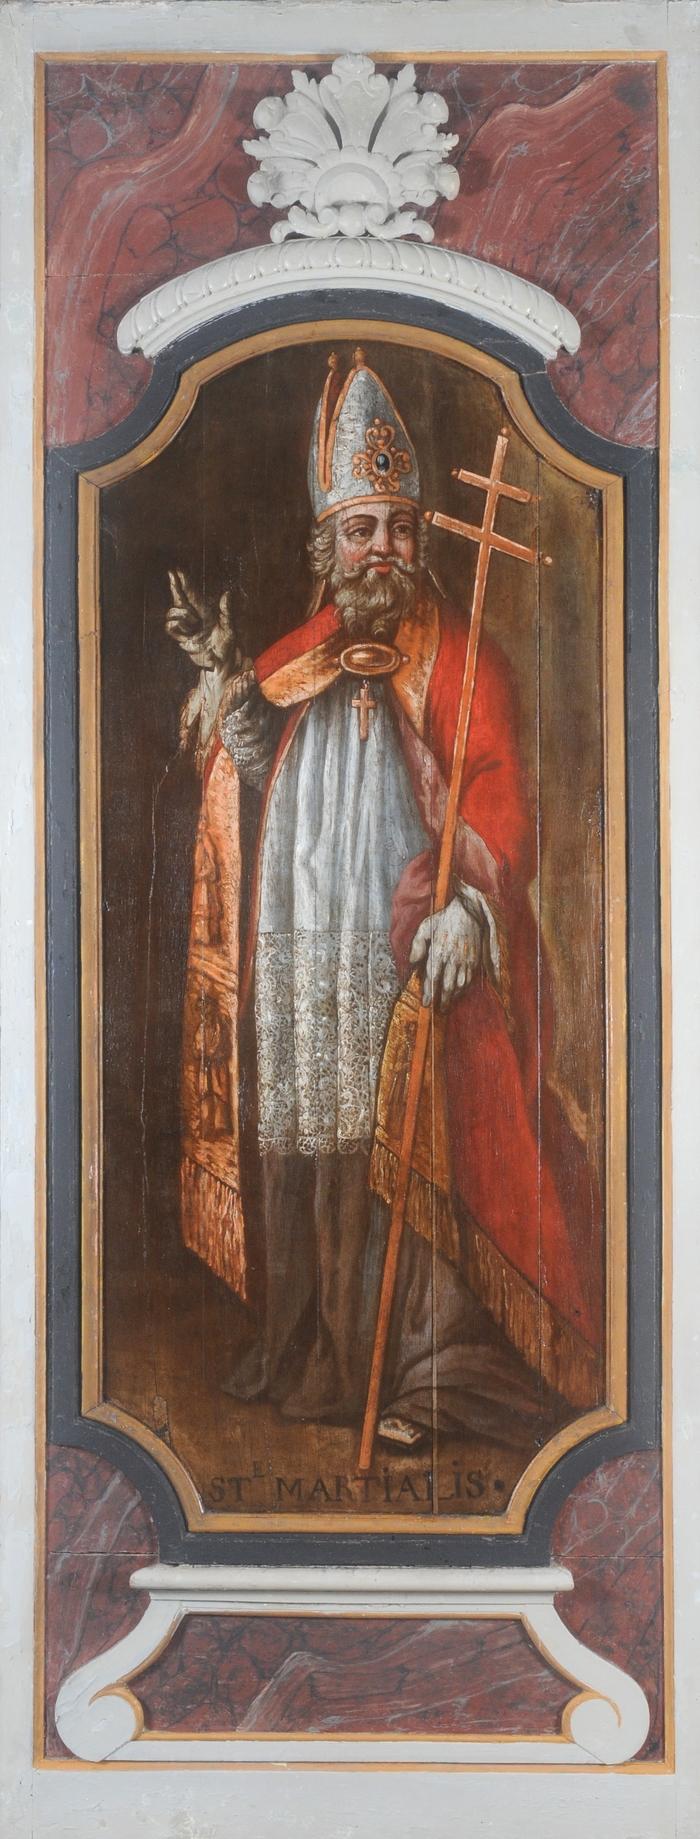 Journées du patrimoine 2019 - Présentation de la restauration de panneaux peints du XVIIe siècle